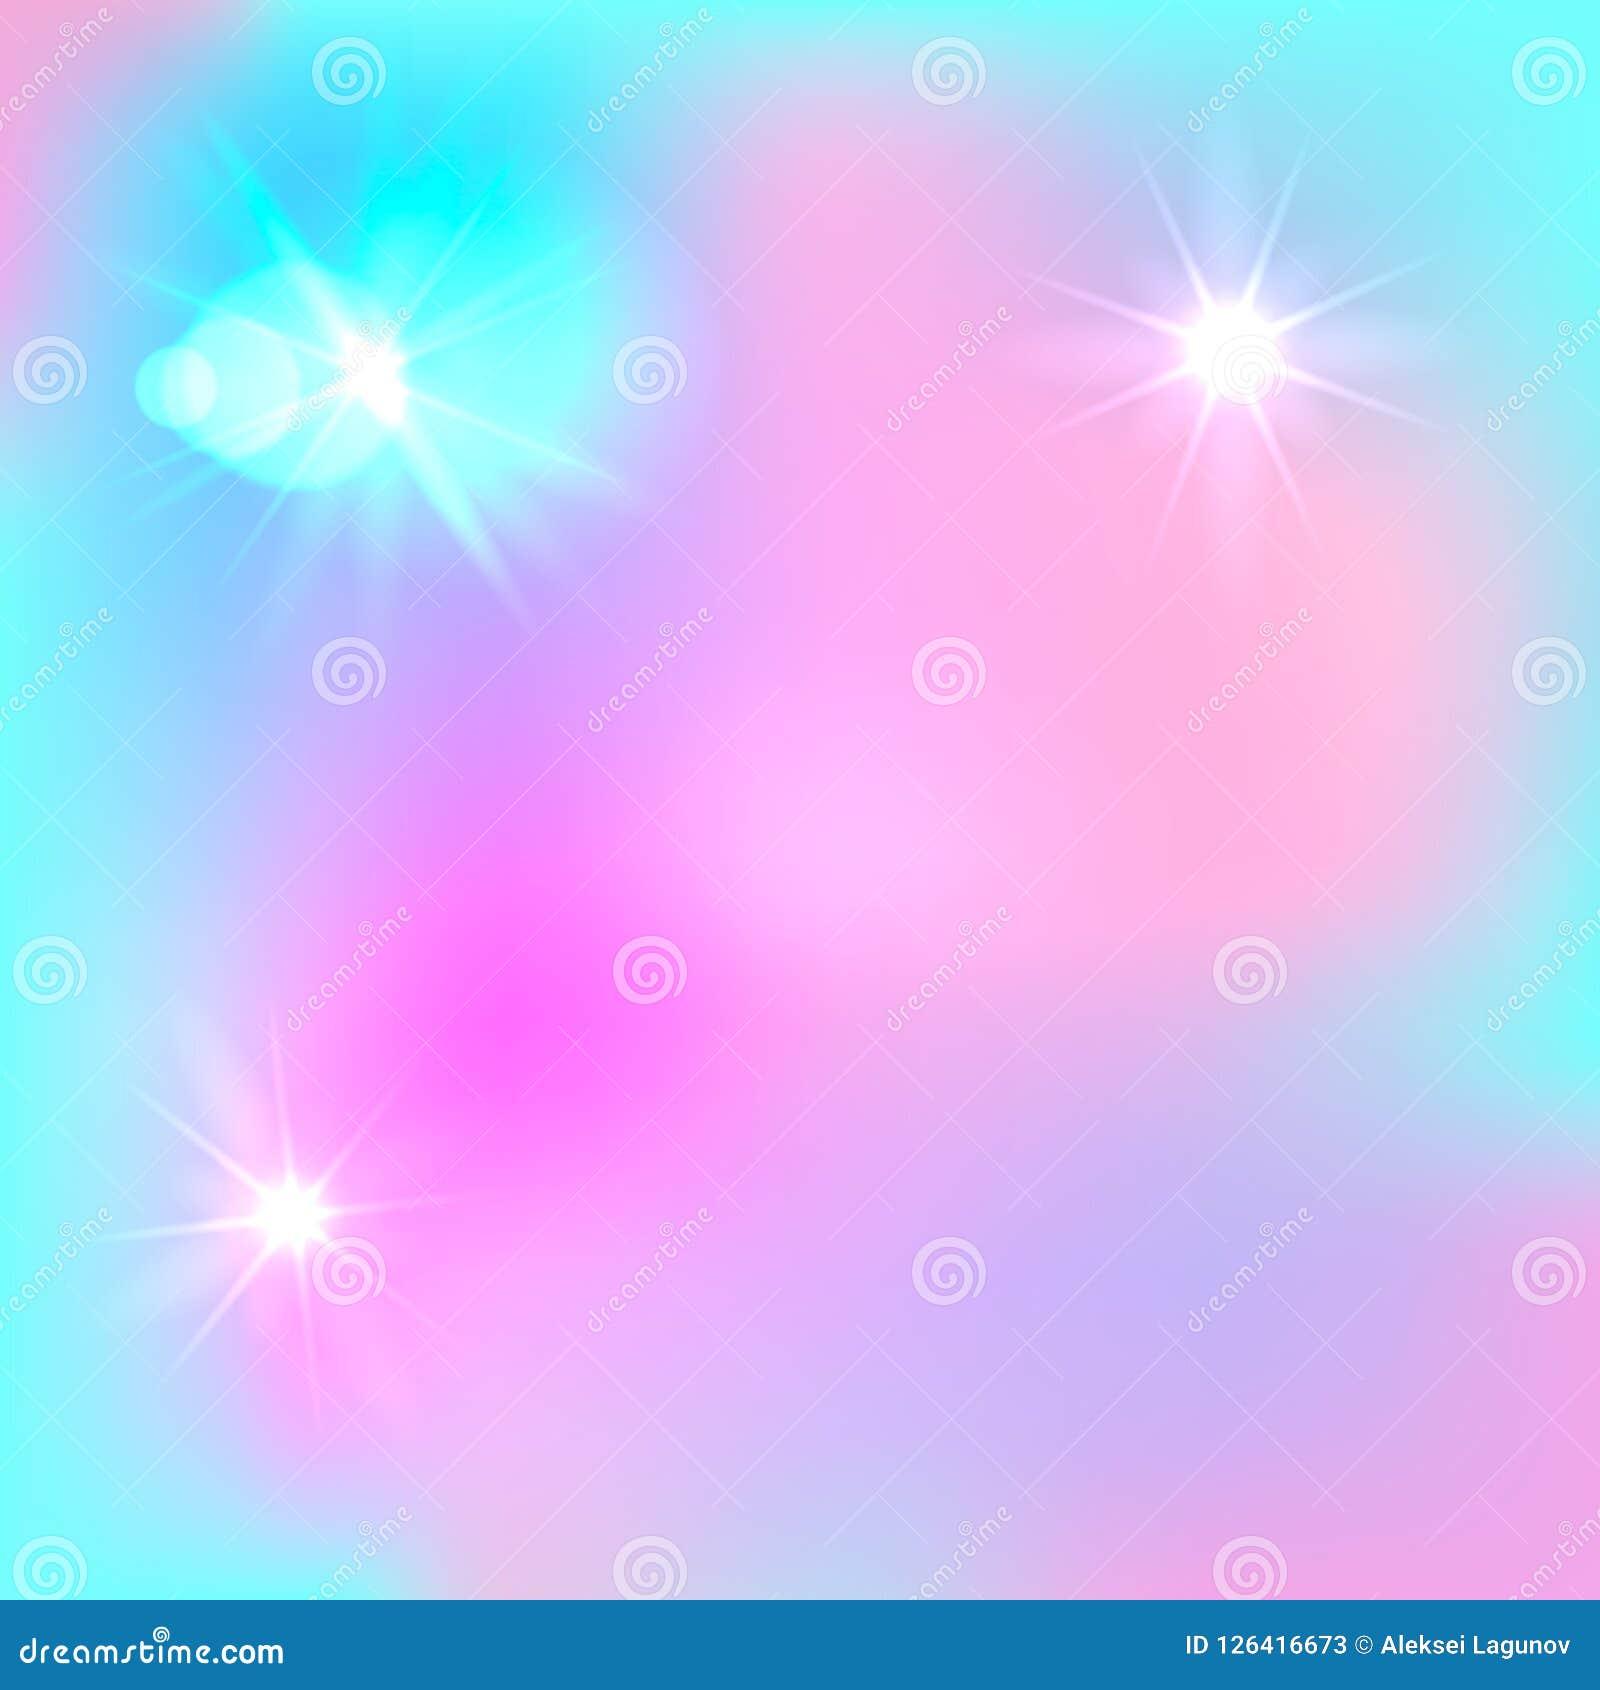 Διανυσματικό μαγικό υπόβαθρο Farytale, χαριτωμένο σκηνικό, ανοικτό μπλε και ρόδινος